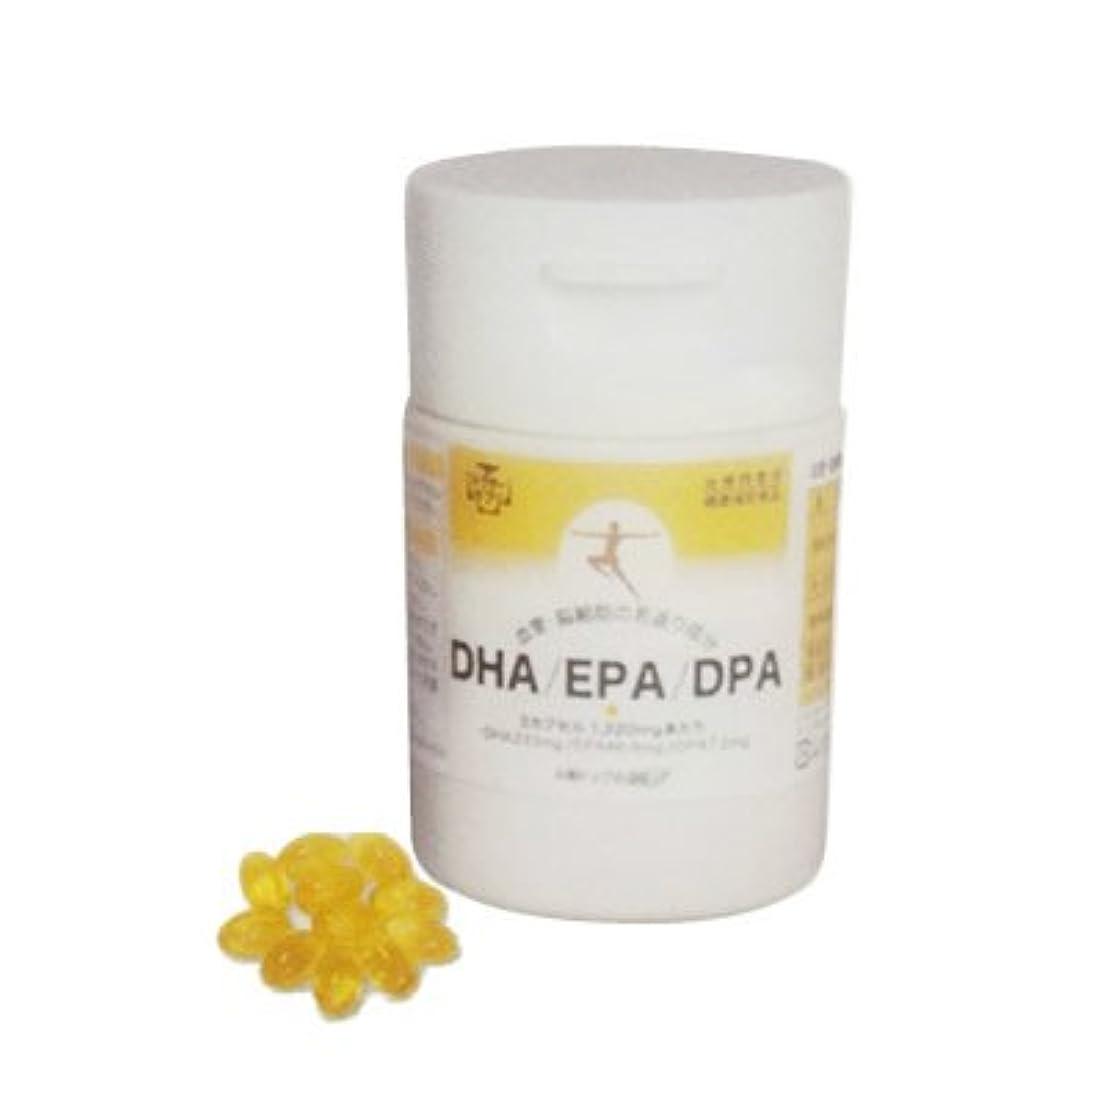 バーゲンベリー砲兵DHA/EPA/DPA 400mg×90カプセル(ドクターサプリ/健康補助食品シリーズ)